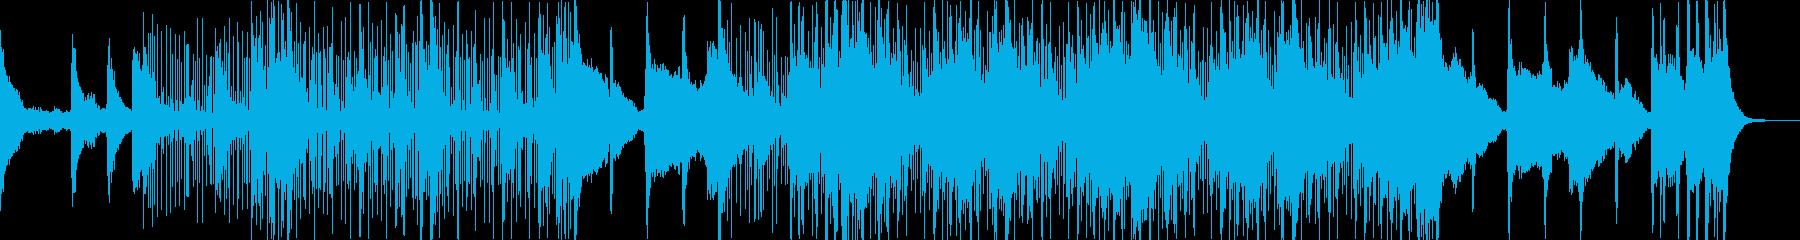 ノスタルジックヒップホップ(声ネタ無し)の再生済みの波形